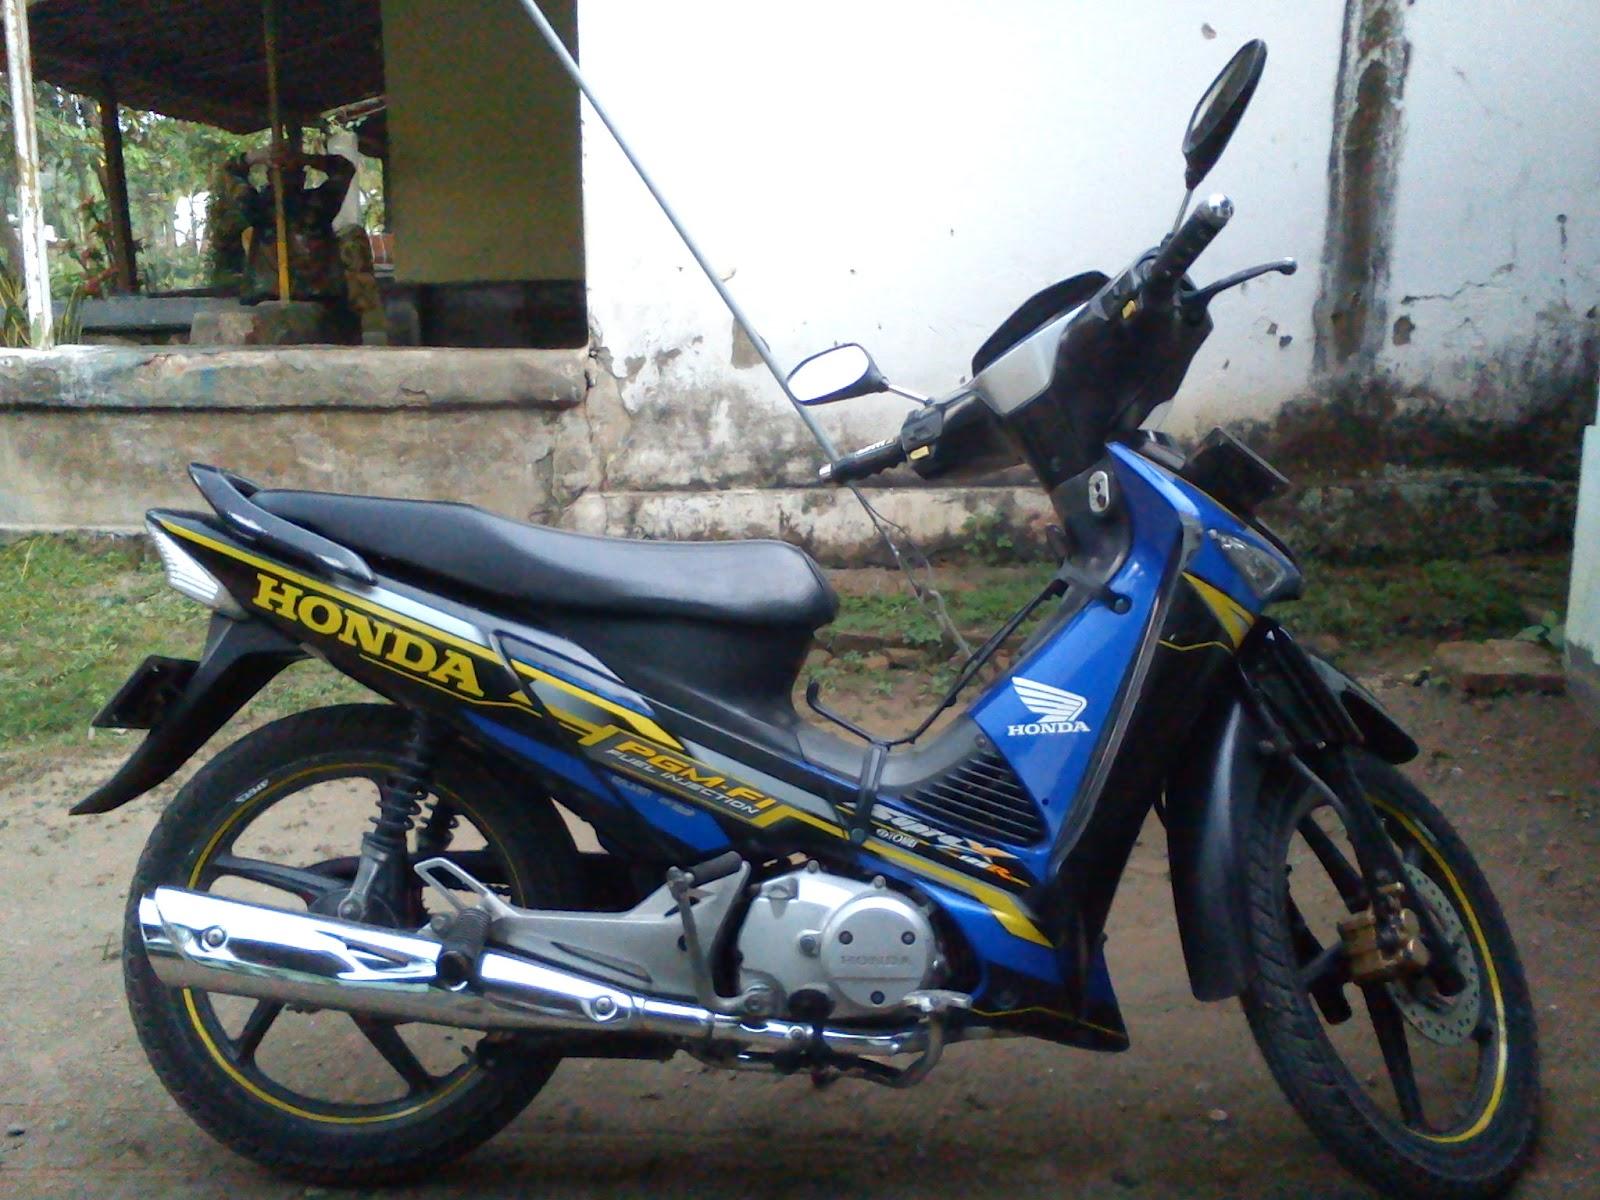 sepeda motor honda 2012 di indonesia five posting